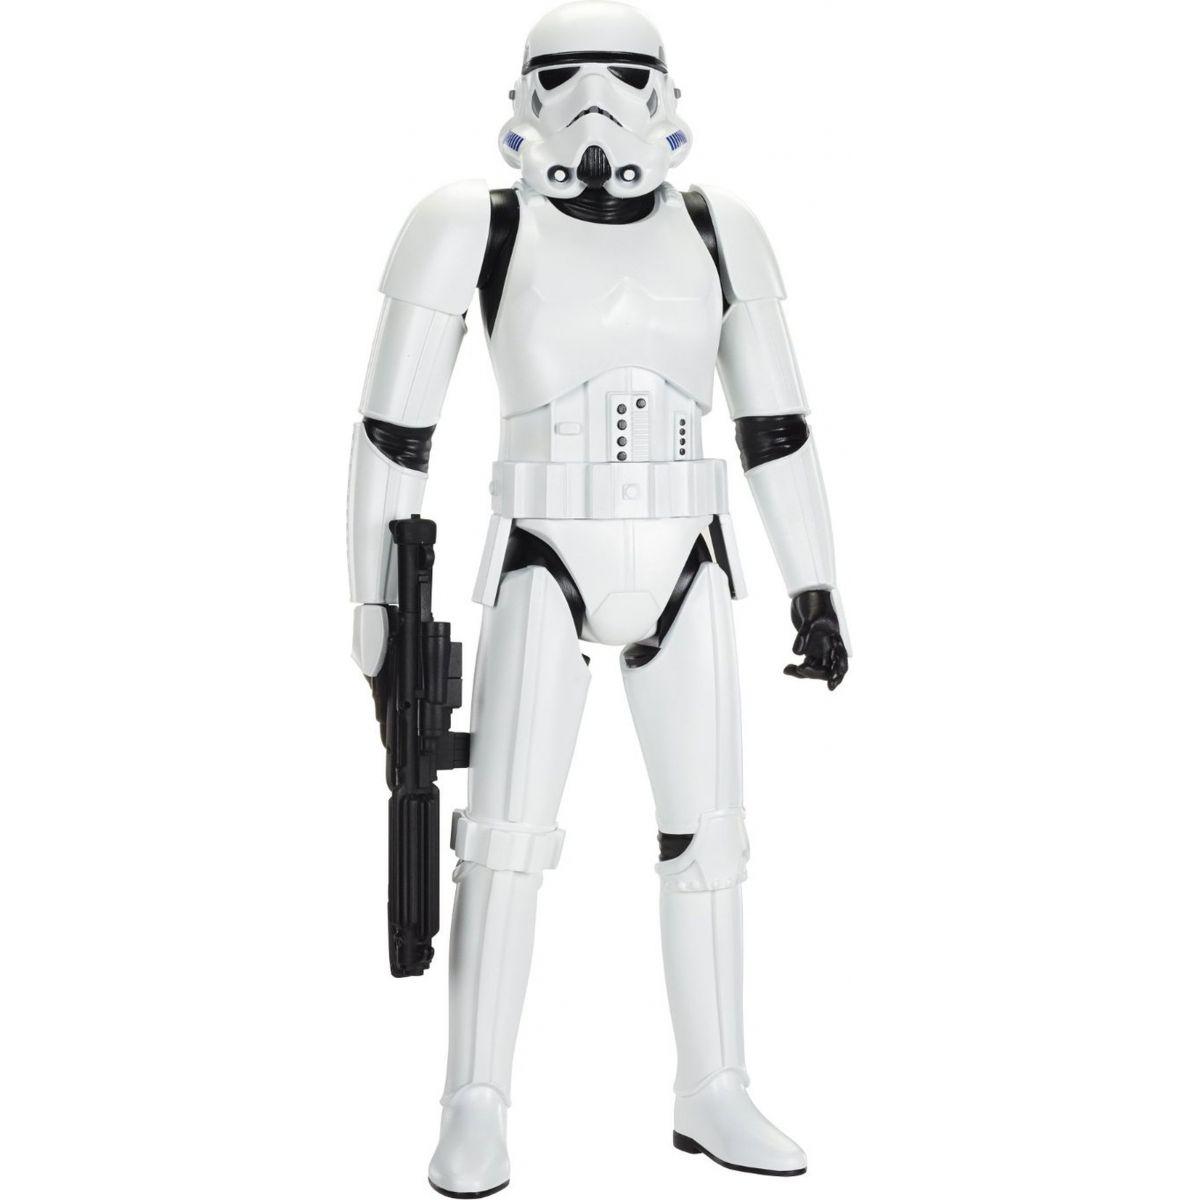 Jakks Star Wars Classic Stormtrooper 45cm